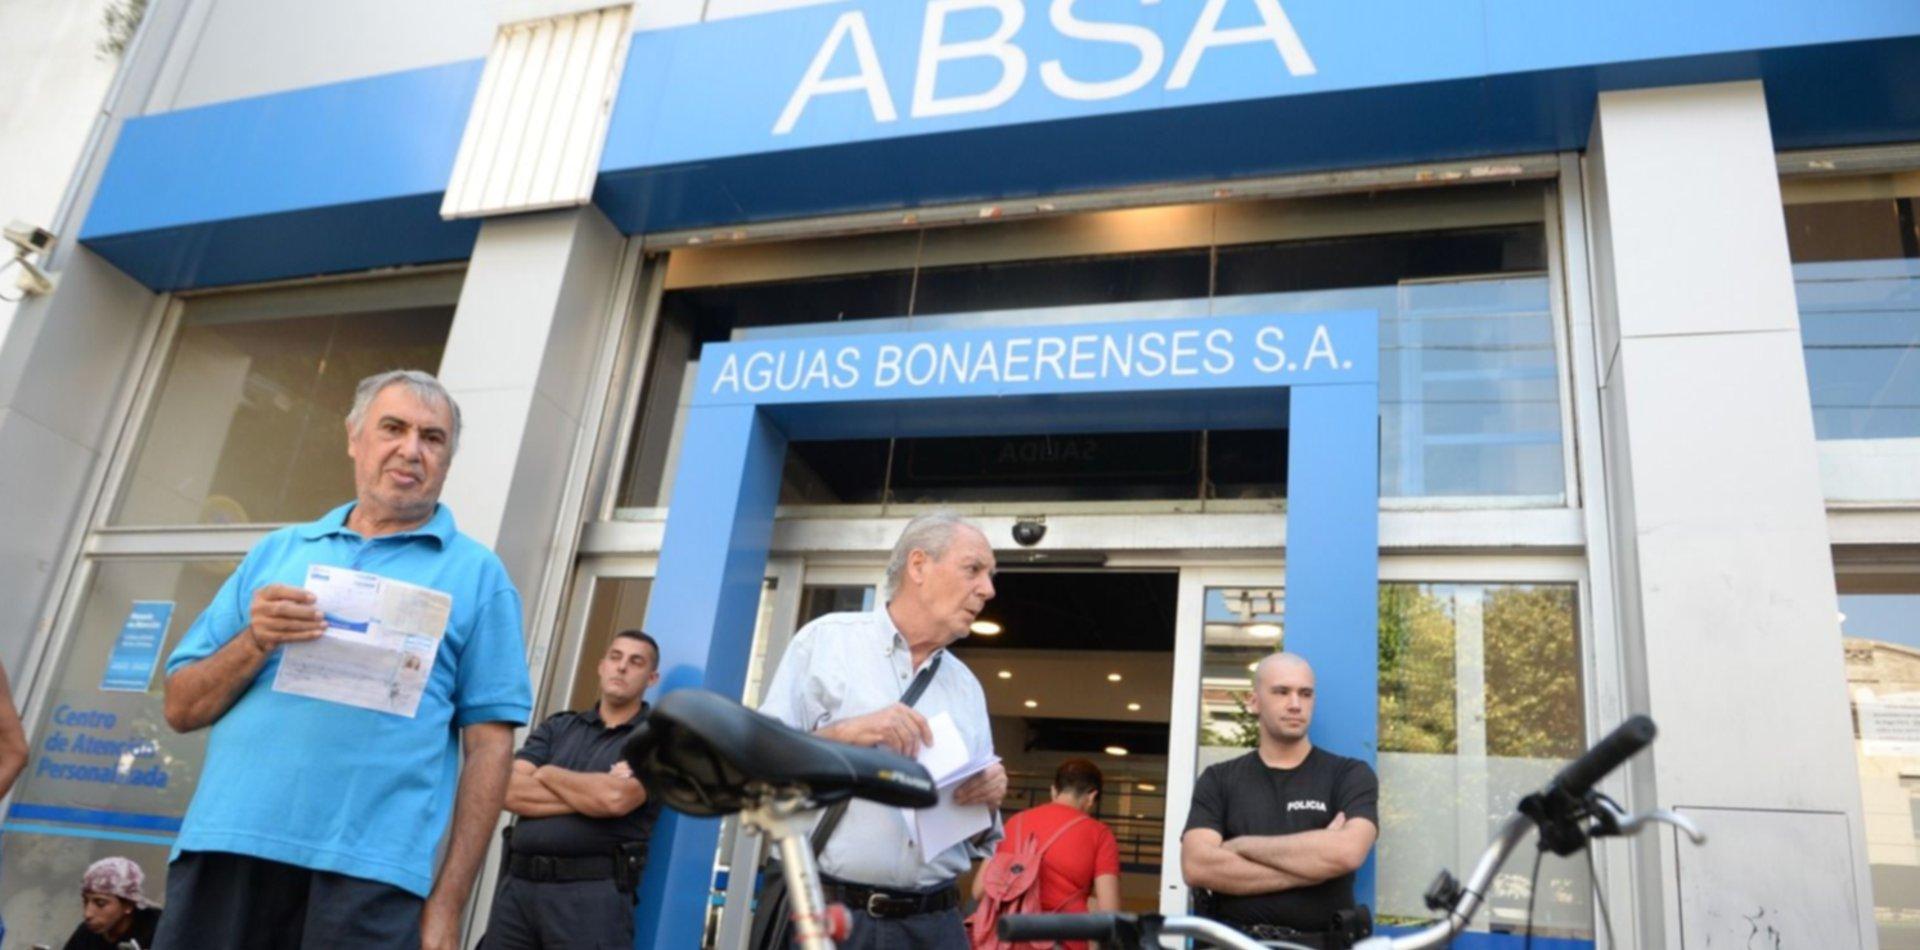 La Corte bonaerense anuló una sentencia que favorecía a usuarios damnificados por ABSA